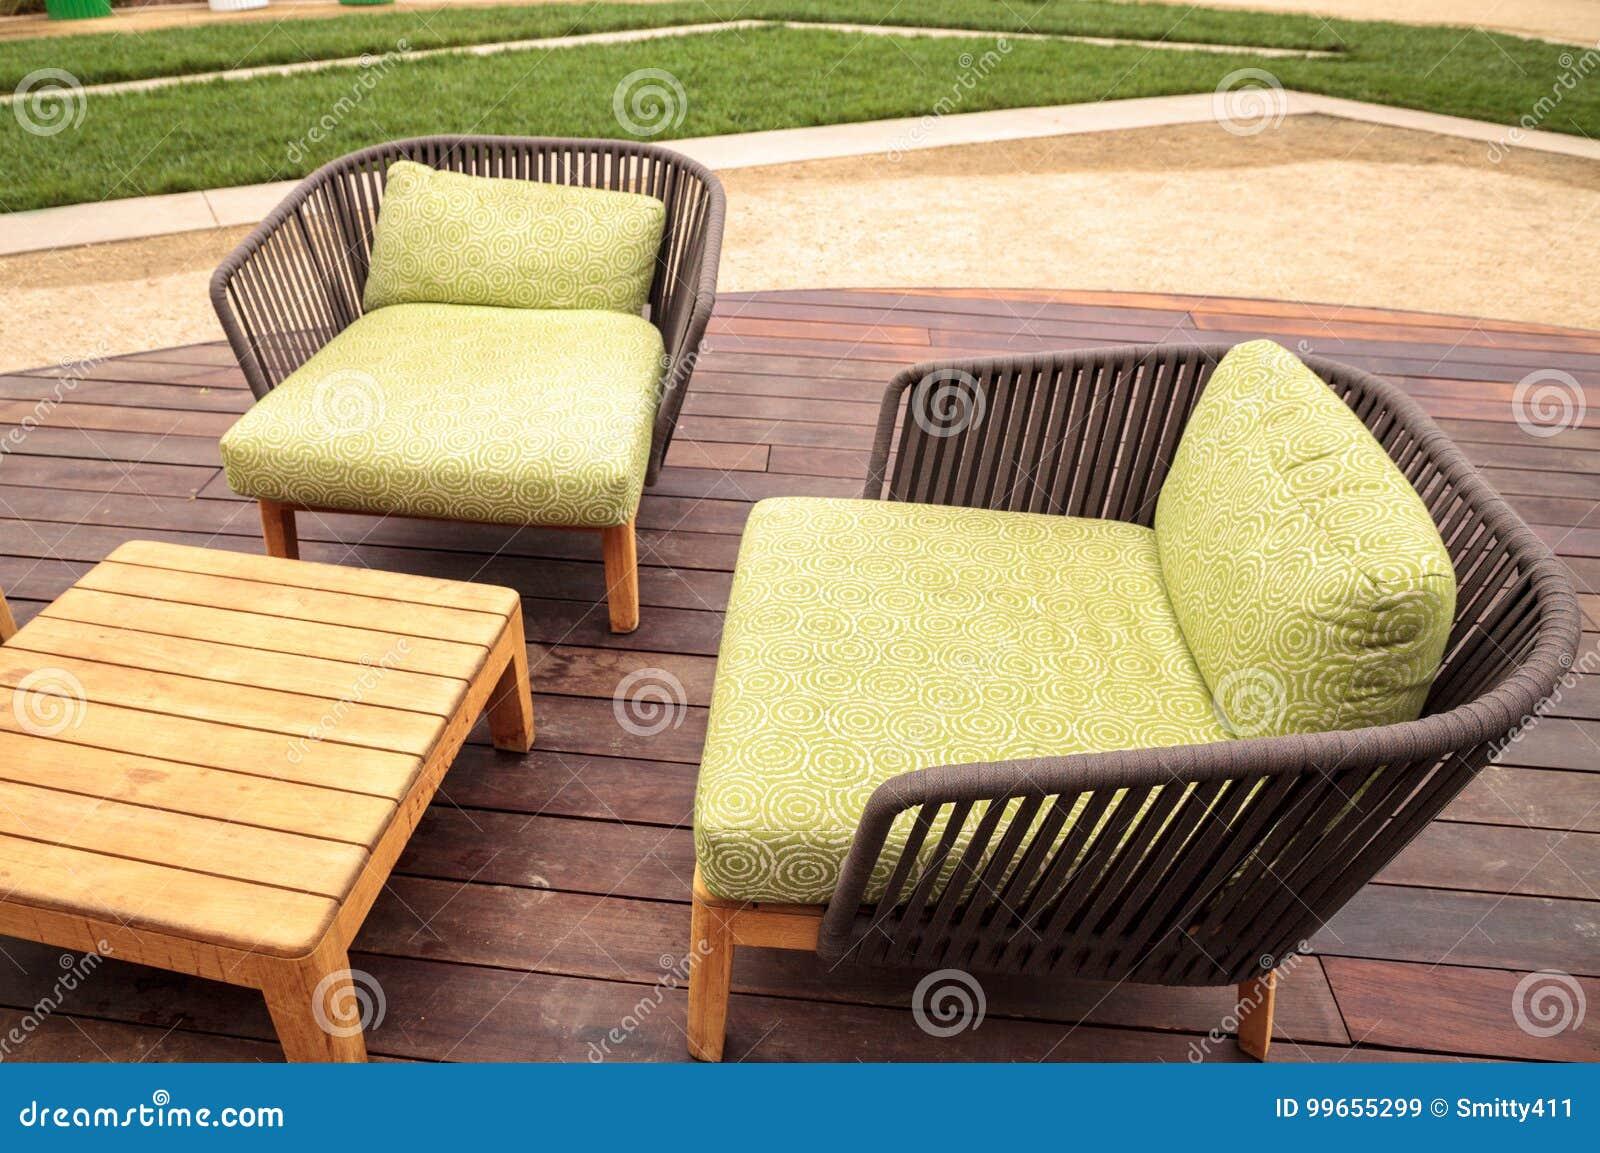 Kussens Voor Stoelen : De houten stoelen van de terraszitkamer met groene kussens stock